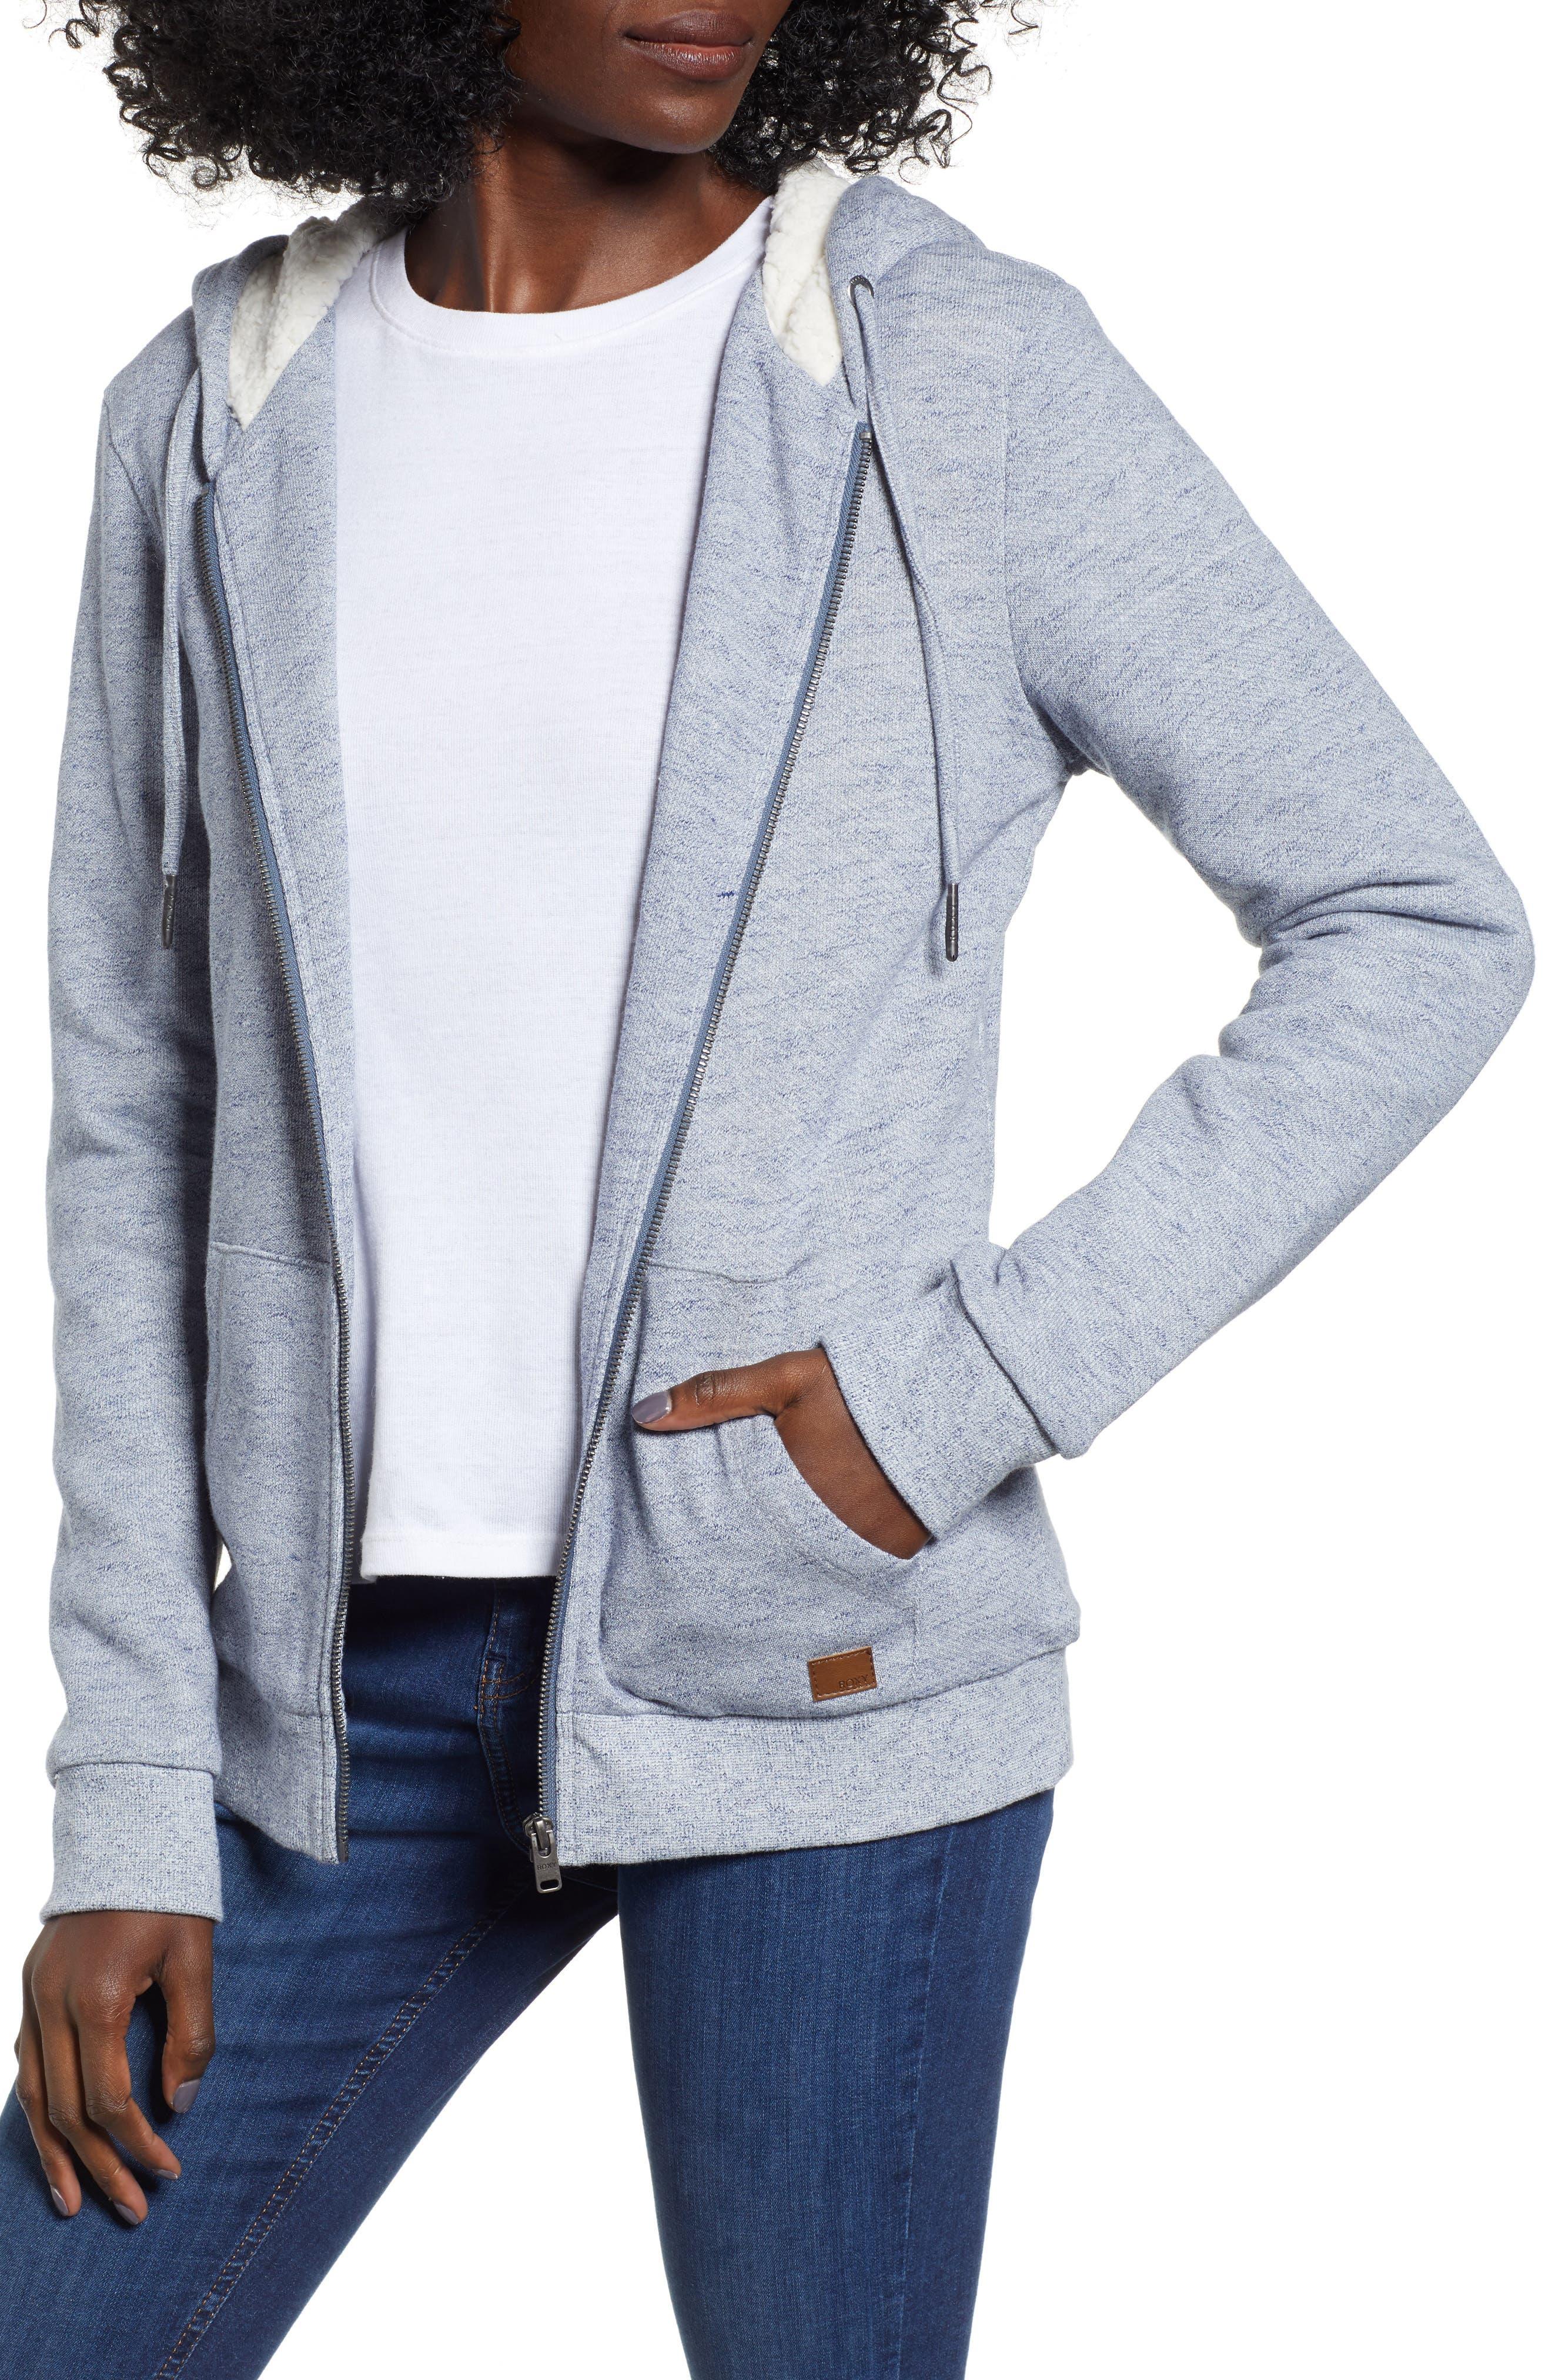 ROXY Fleece Lined Hooded Sweatshirt in Dress Blues